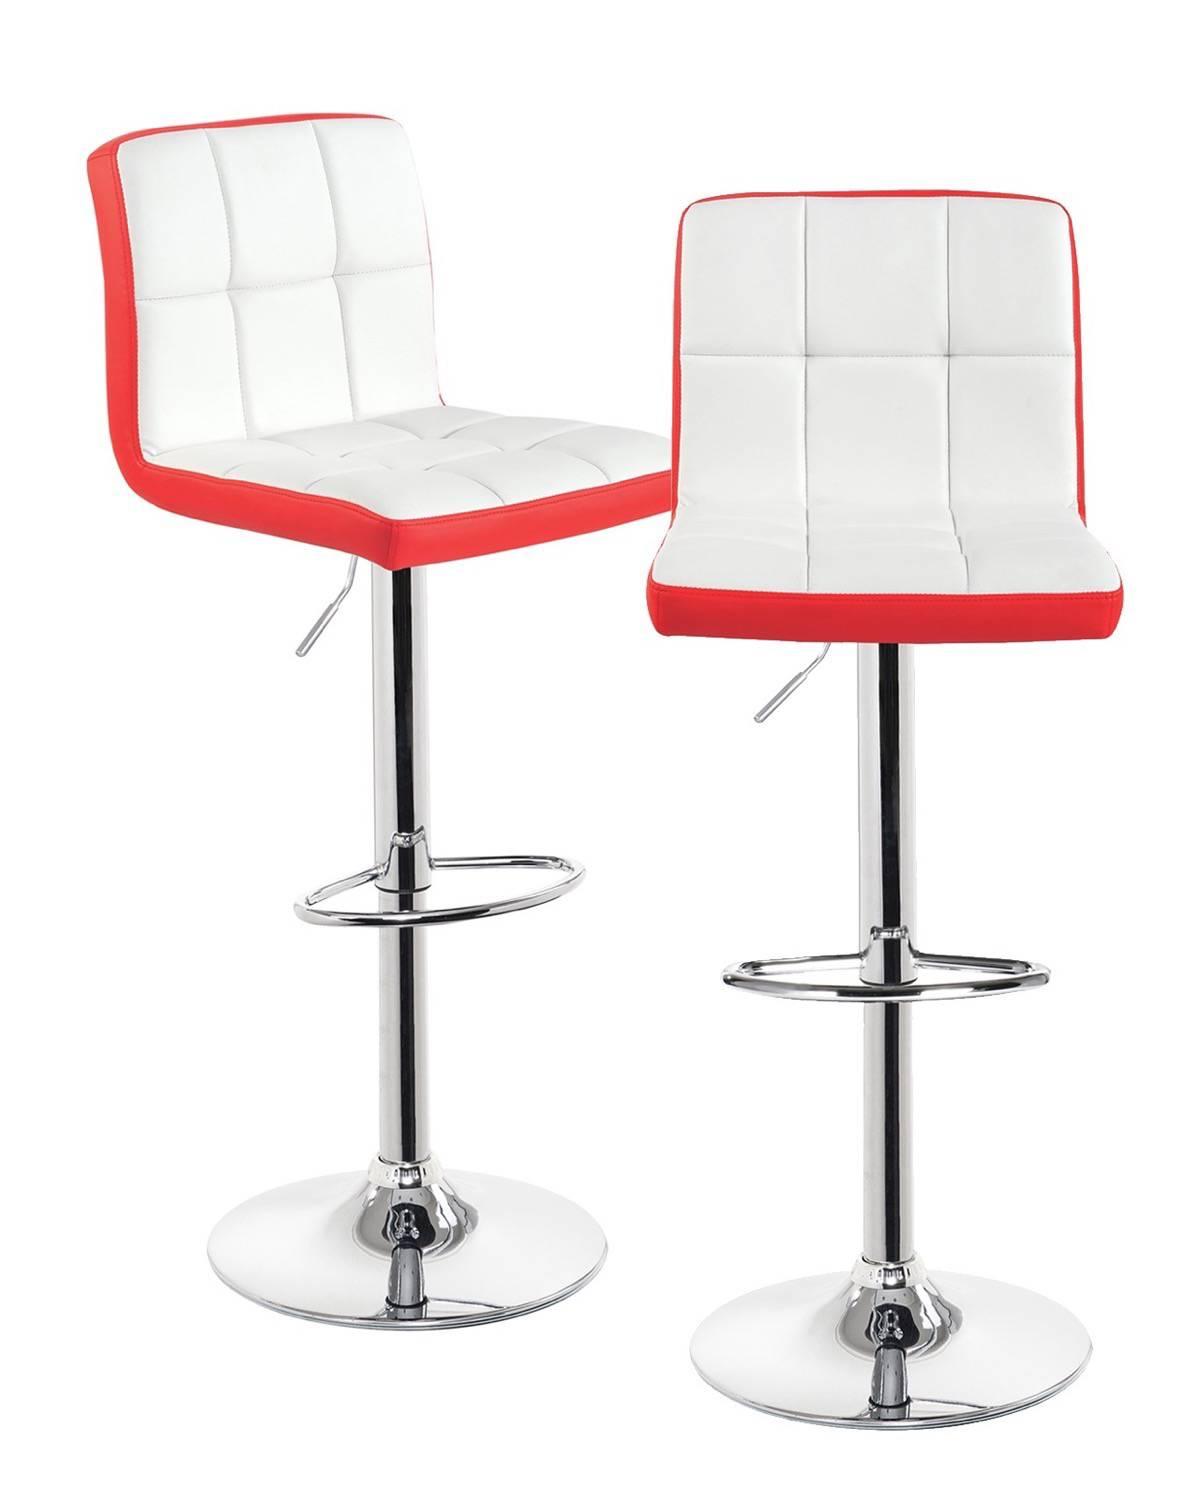 Sivan lot de 2 chaises de bar confort pu et chrome - Chaise de bar rouge ...